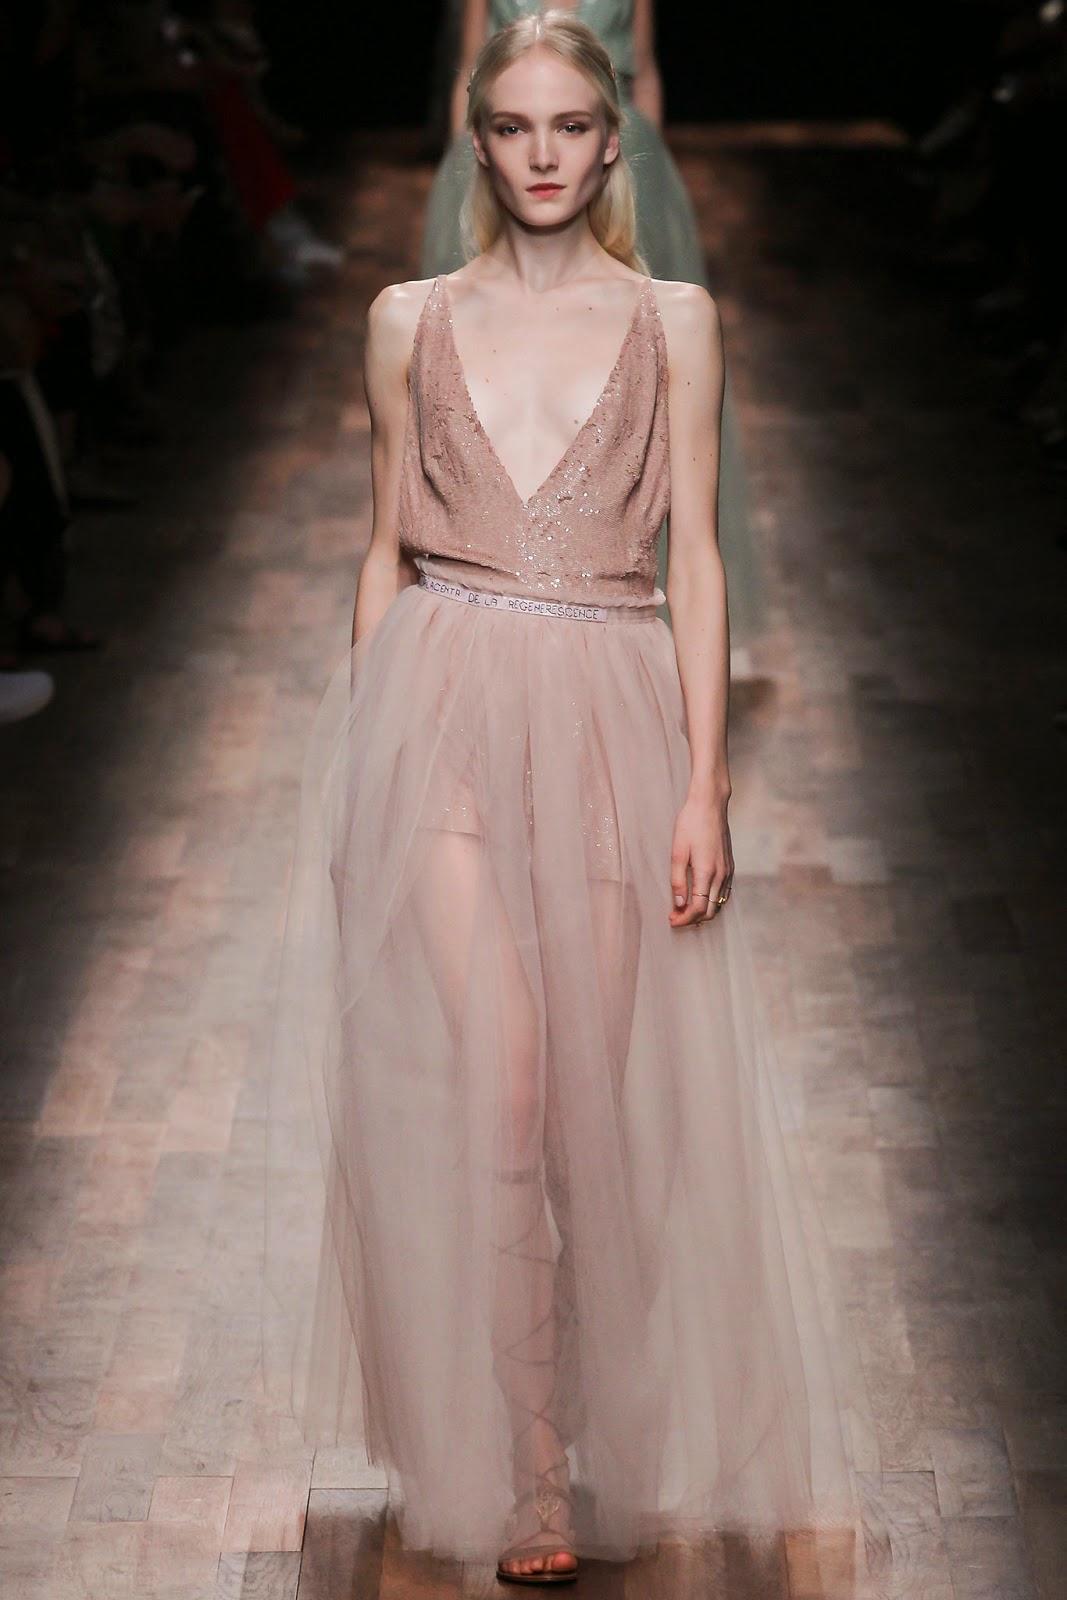 valentino 2015 summer 2016 trend women dress95 Valentino 2015 samling, våren sommaren 2016 Valentino klänning modeller, Valentino kväll klänning nya säsongen kvinnors kjolar modeller